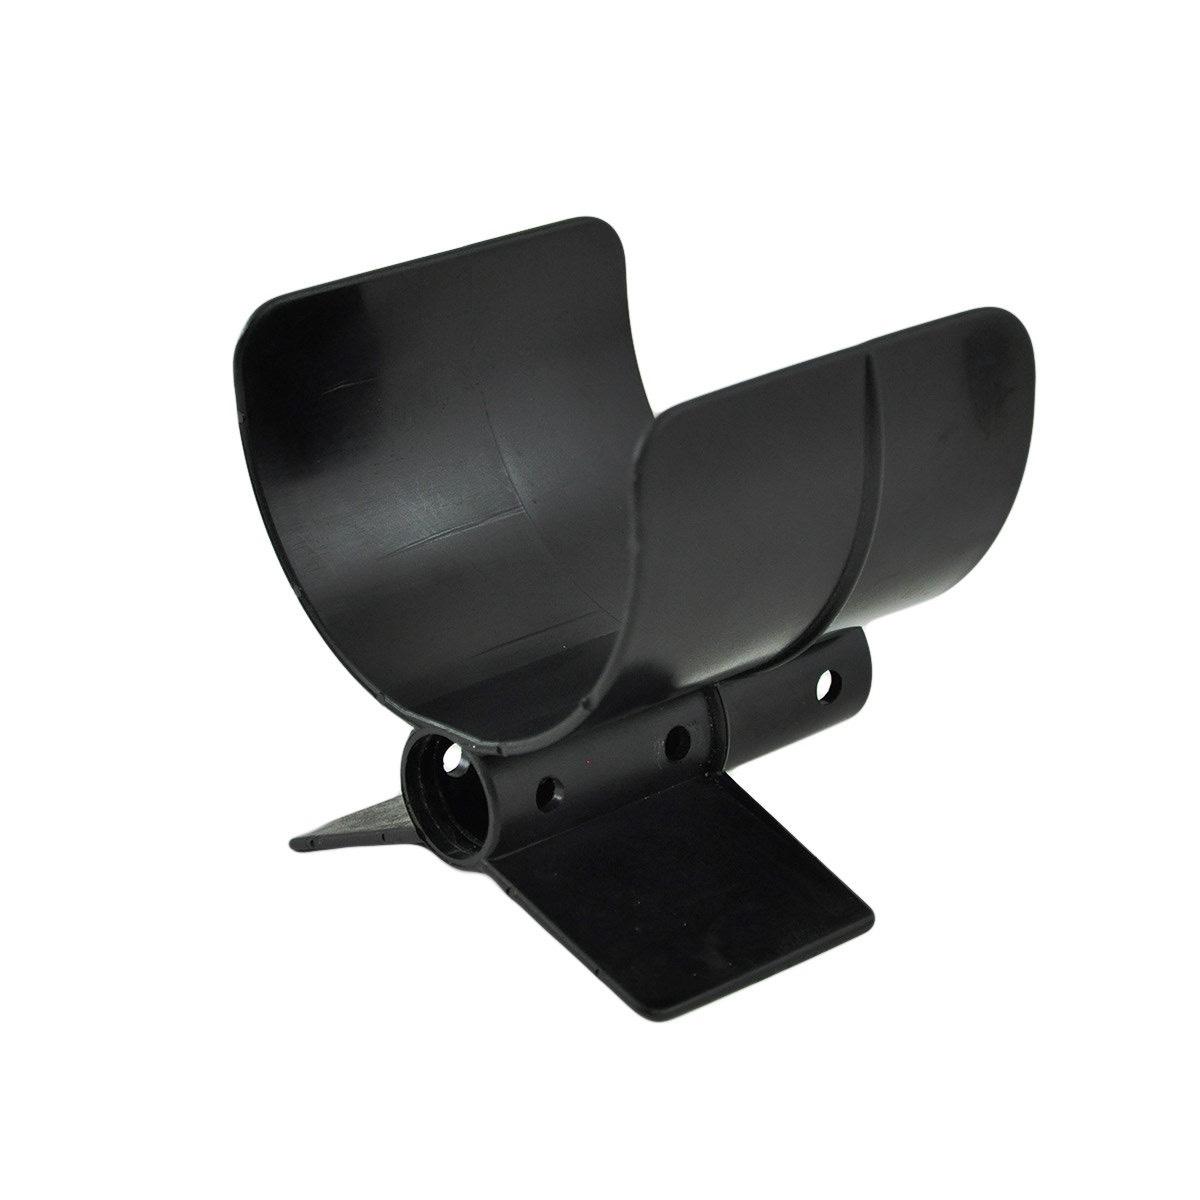 8011-0002, Armrest for Excalibur II